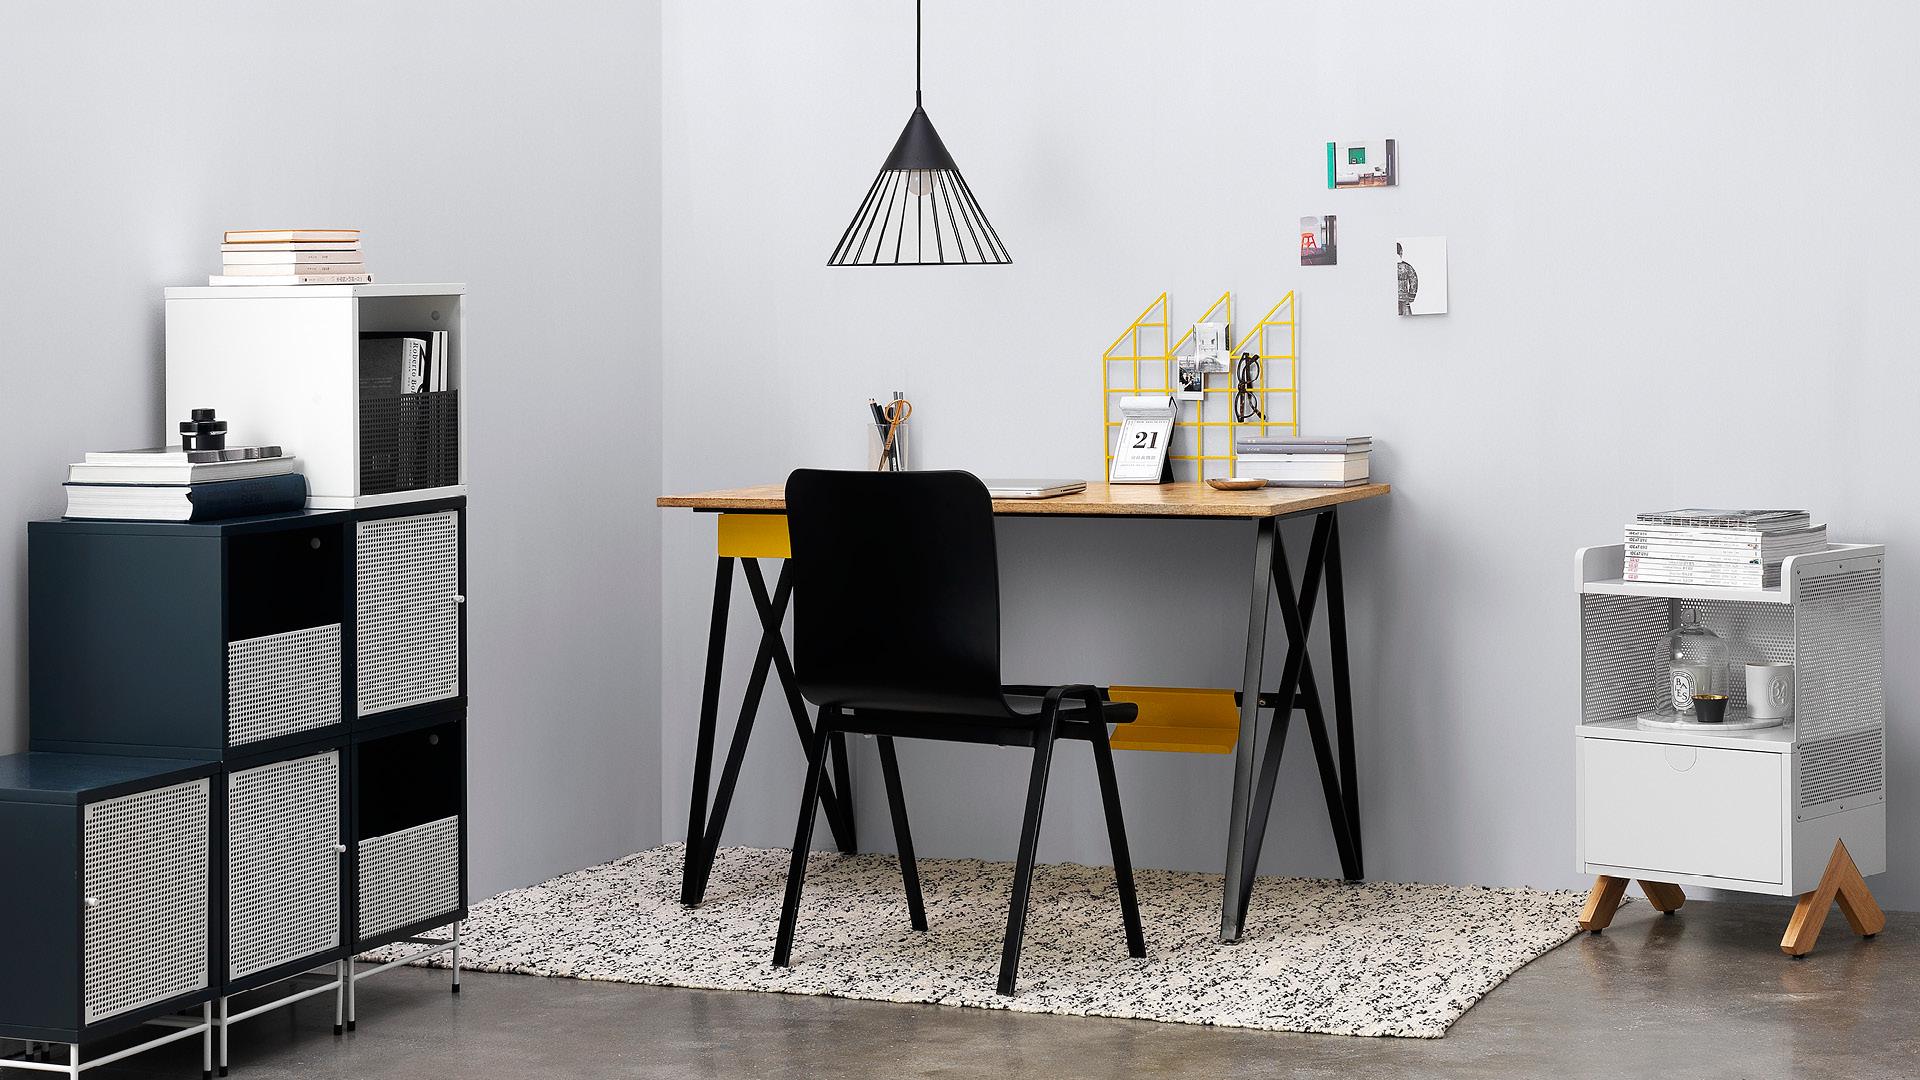 极简的铁木构造,给小型工作室一个挺拔的基调。好看,耐用,符合人体工学的设计,从此爱上伏案工作的个人天地。